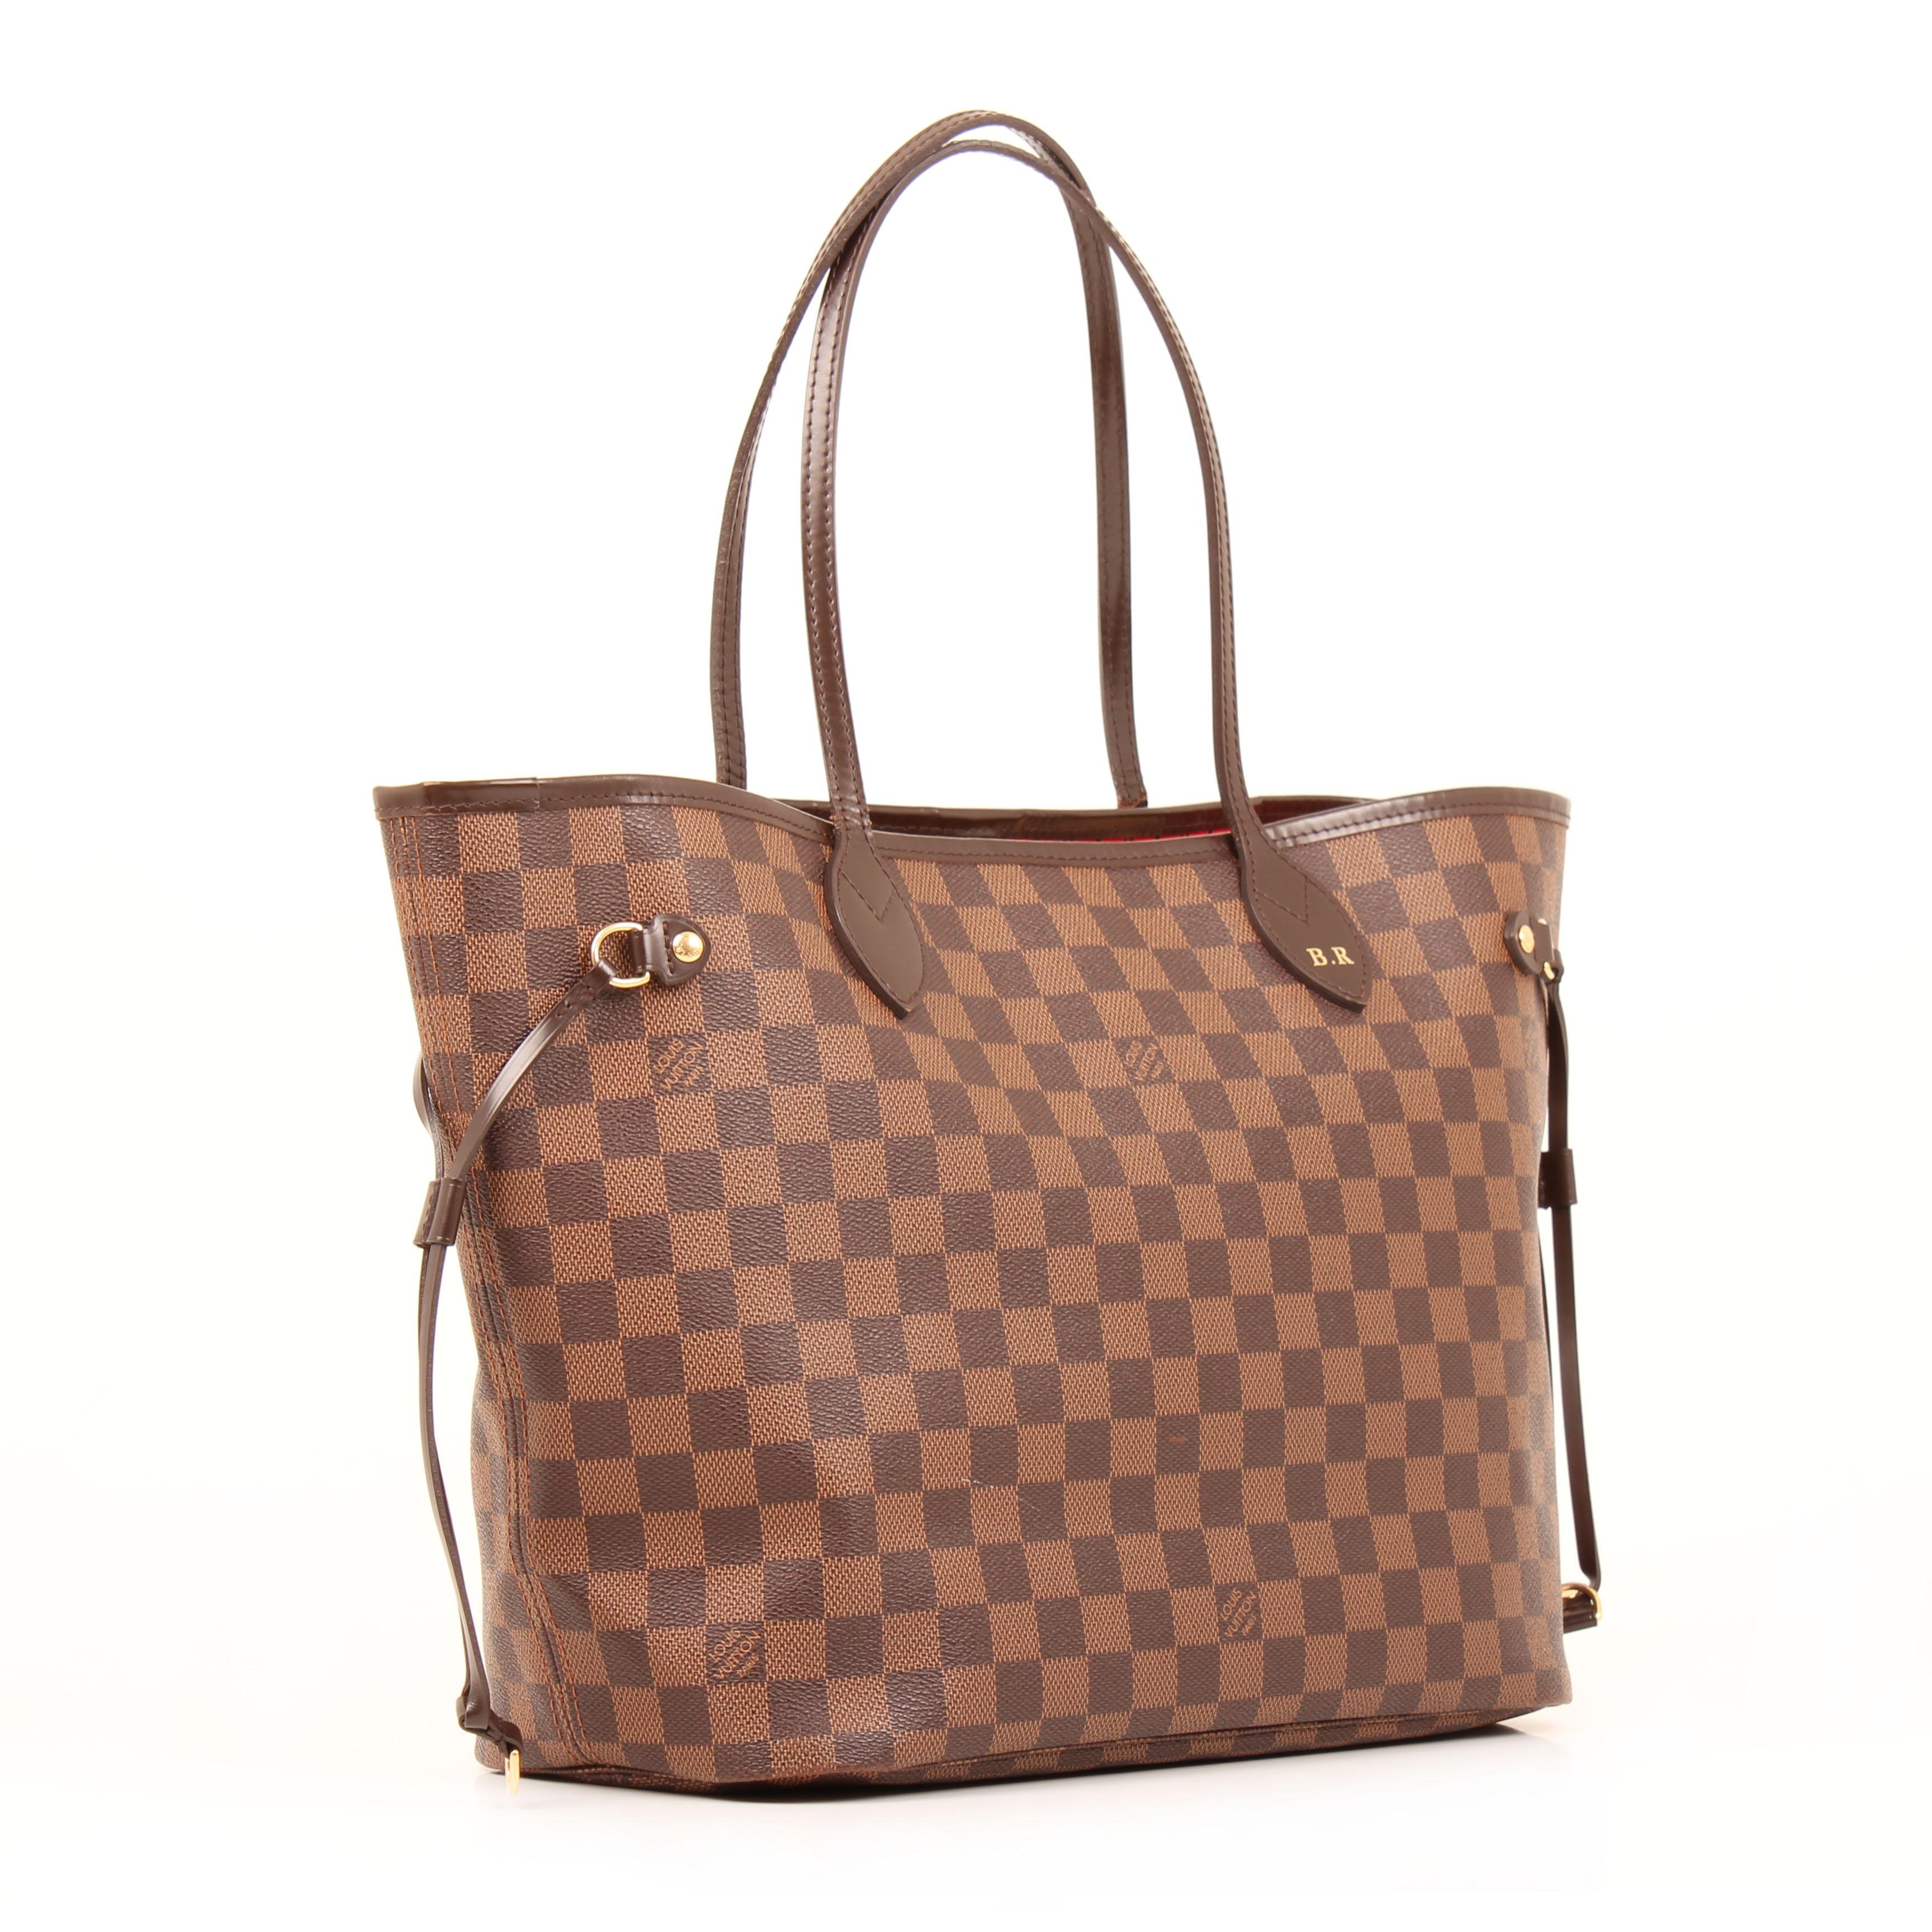 d609a2fd5 Bolso Louis Vuitton Neverfull MM Damier Ébène con Iniciales I CBL Bags